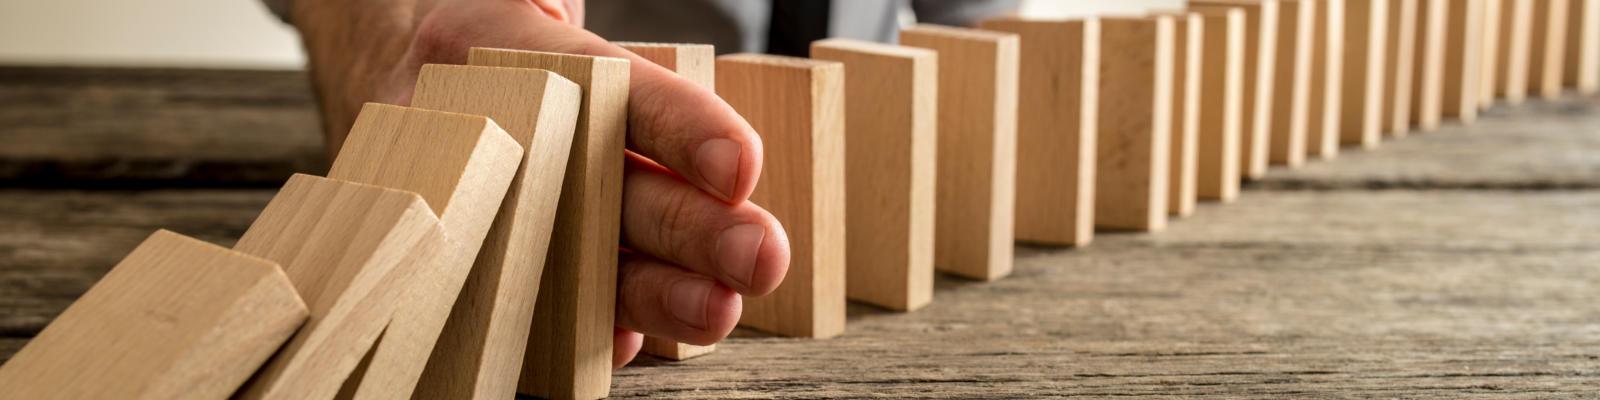 Change Management Coaching - Zielpunktgenau verändern